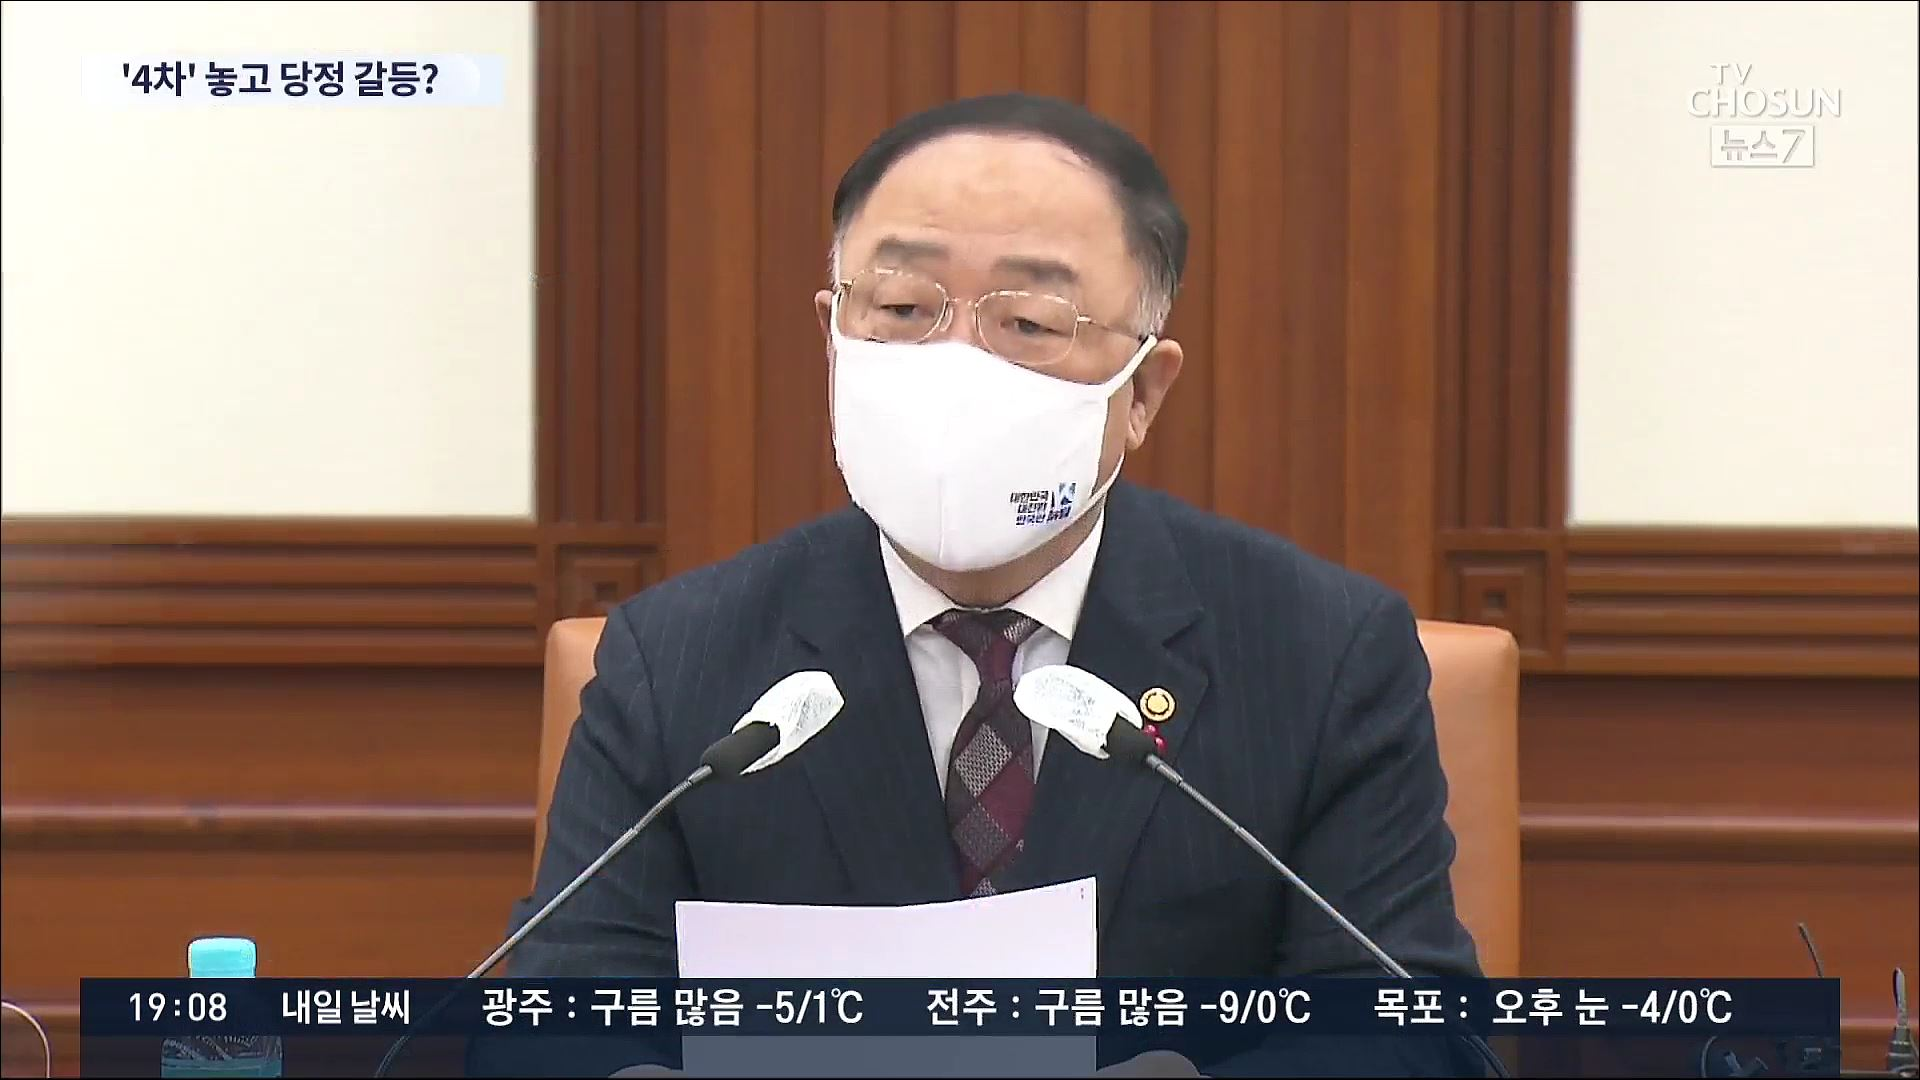 홍남기 '재정 화수분 아냐' 전국민 지원금 또 제동…이낙연 '추가 지원 준비'